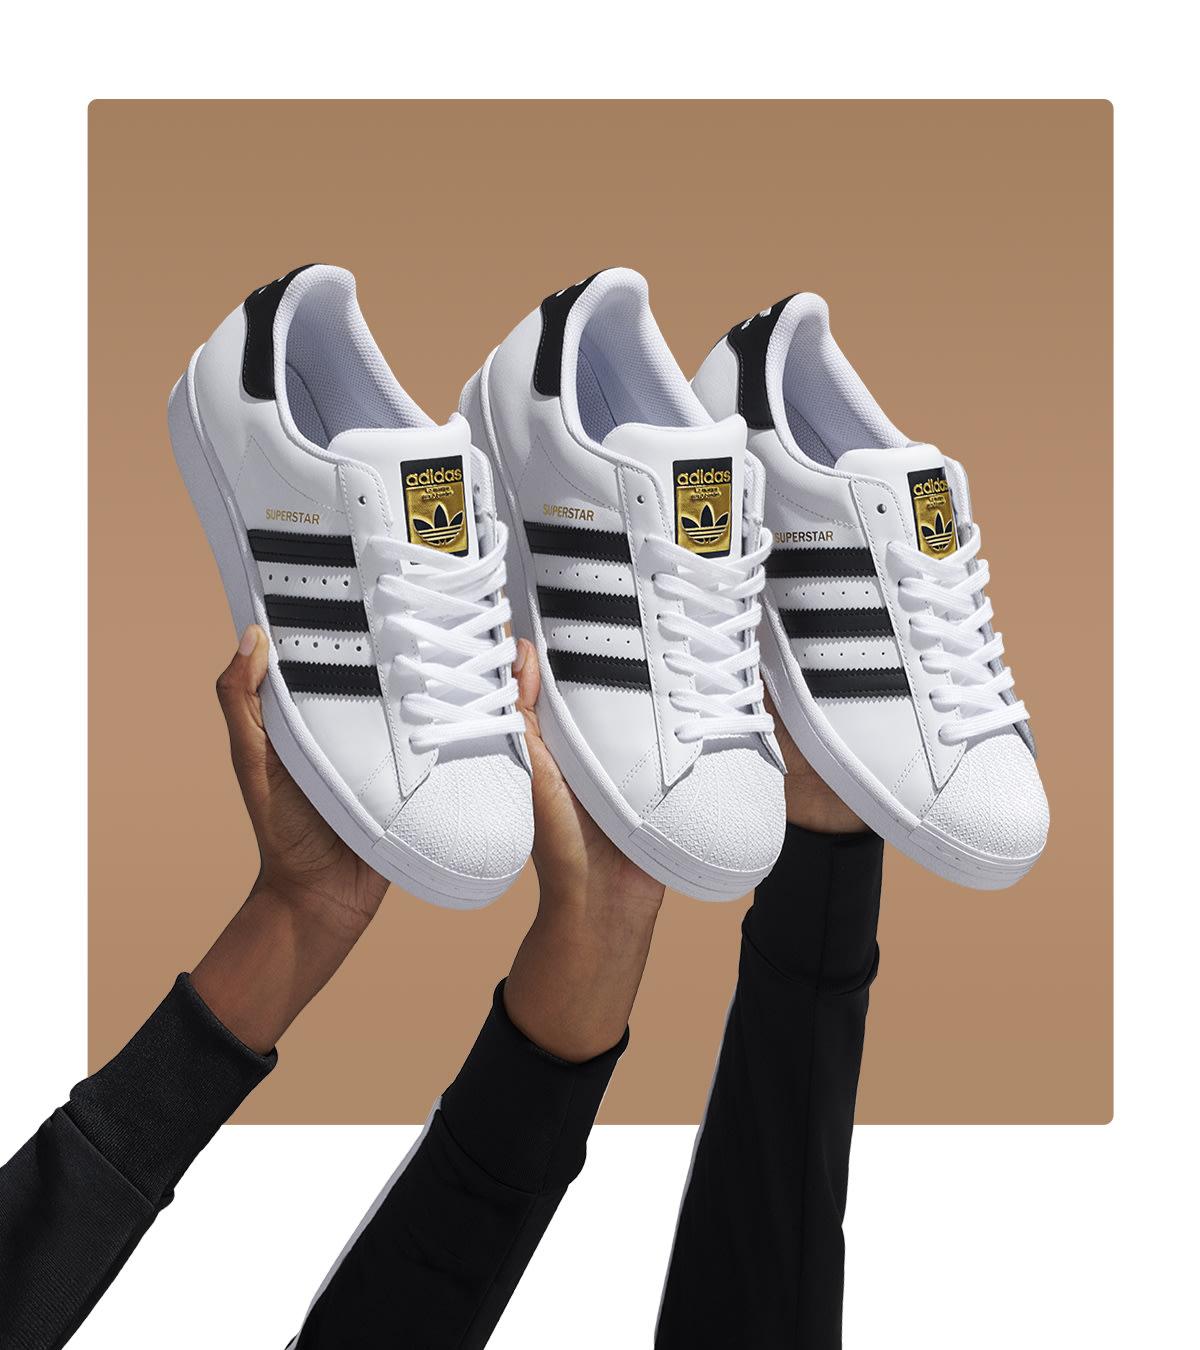 adidas phantom schoenen price